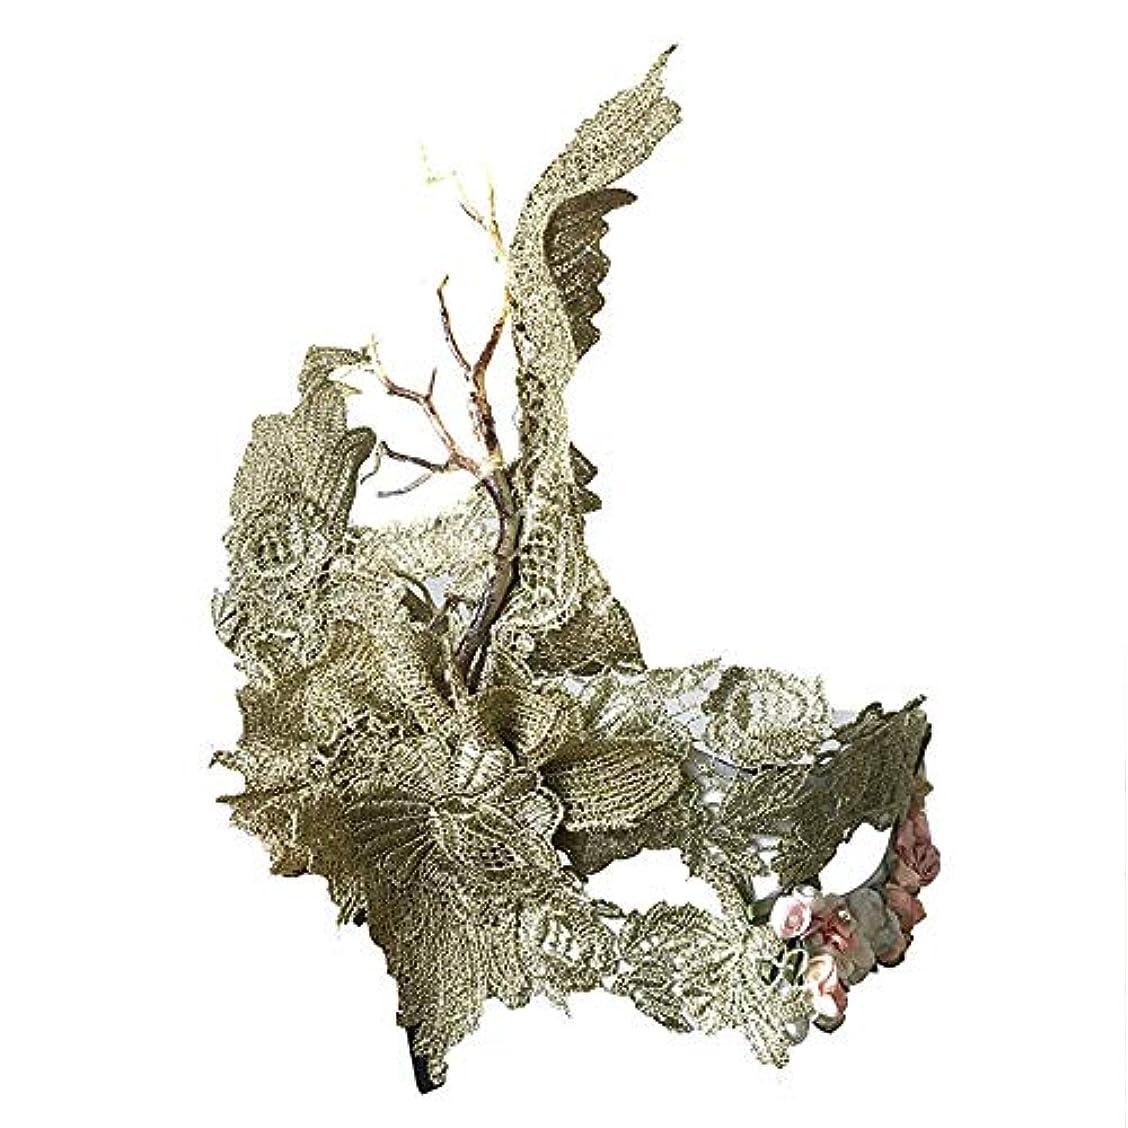 喜劇怒ってパーセントNanle ハロウィーン手刺繍乾燥ブランチマスク仮装マスクレディミスプリンセス美容祭パーティー装飾マスク